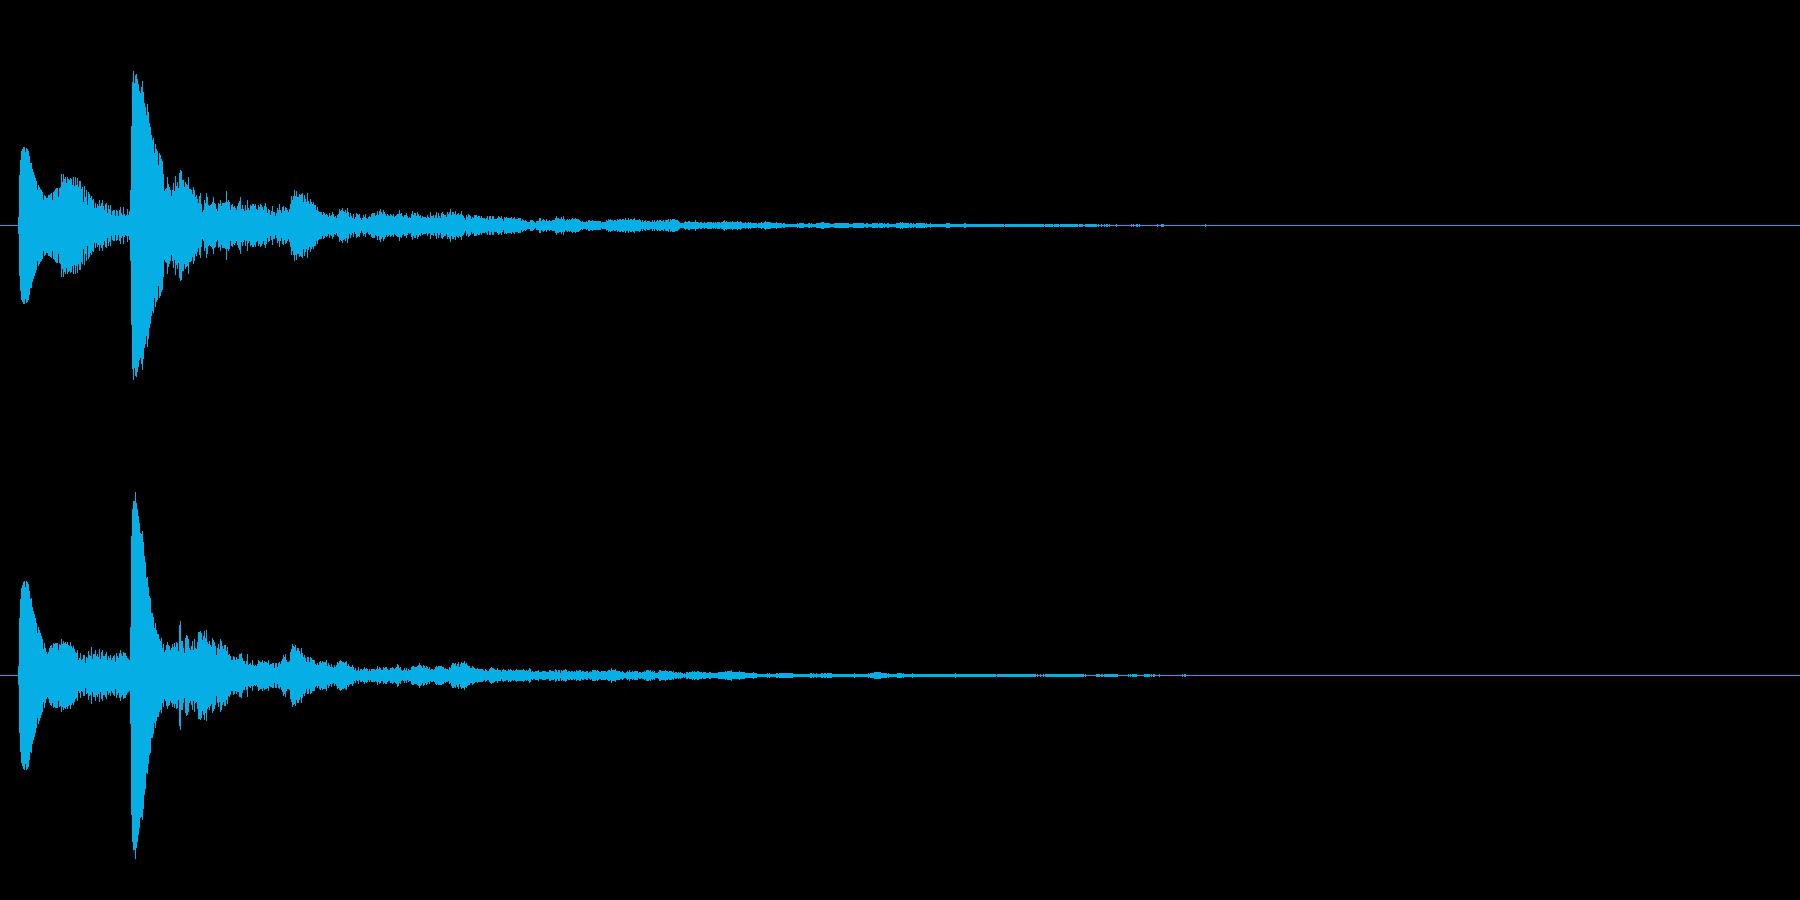 テロップ表示音~暗めな3和音の分散系~の再生済みの波形